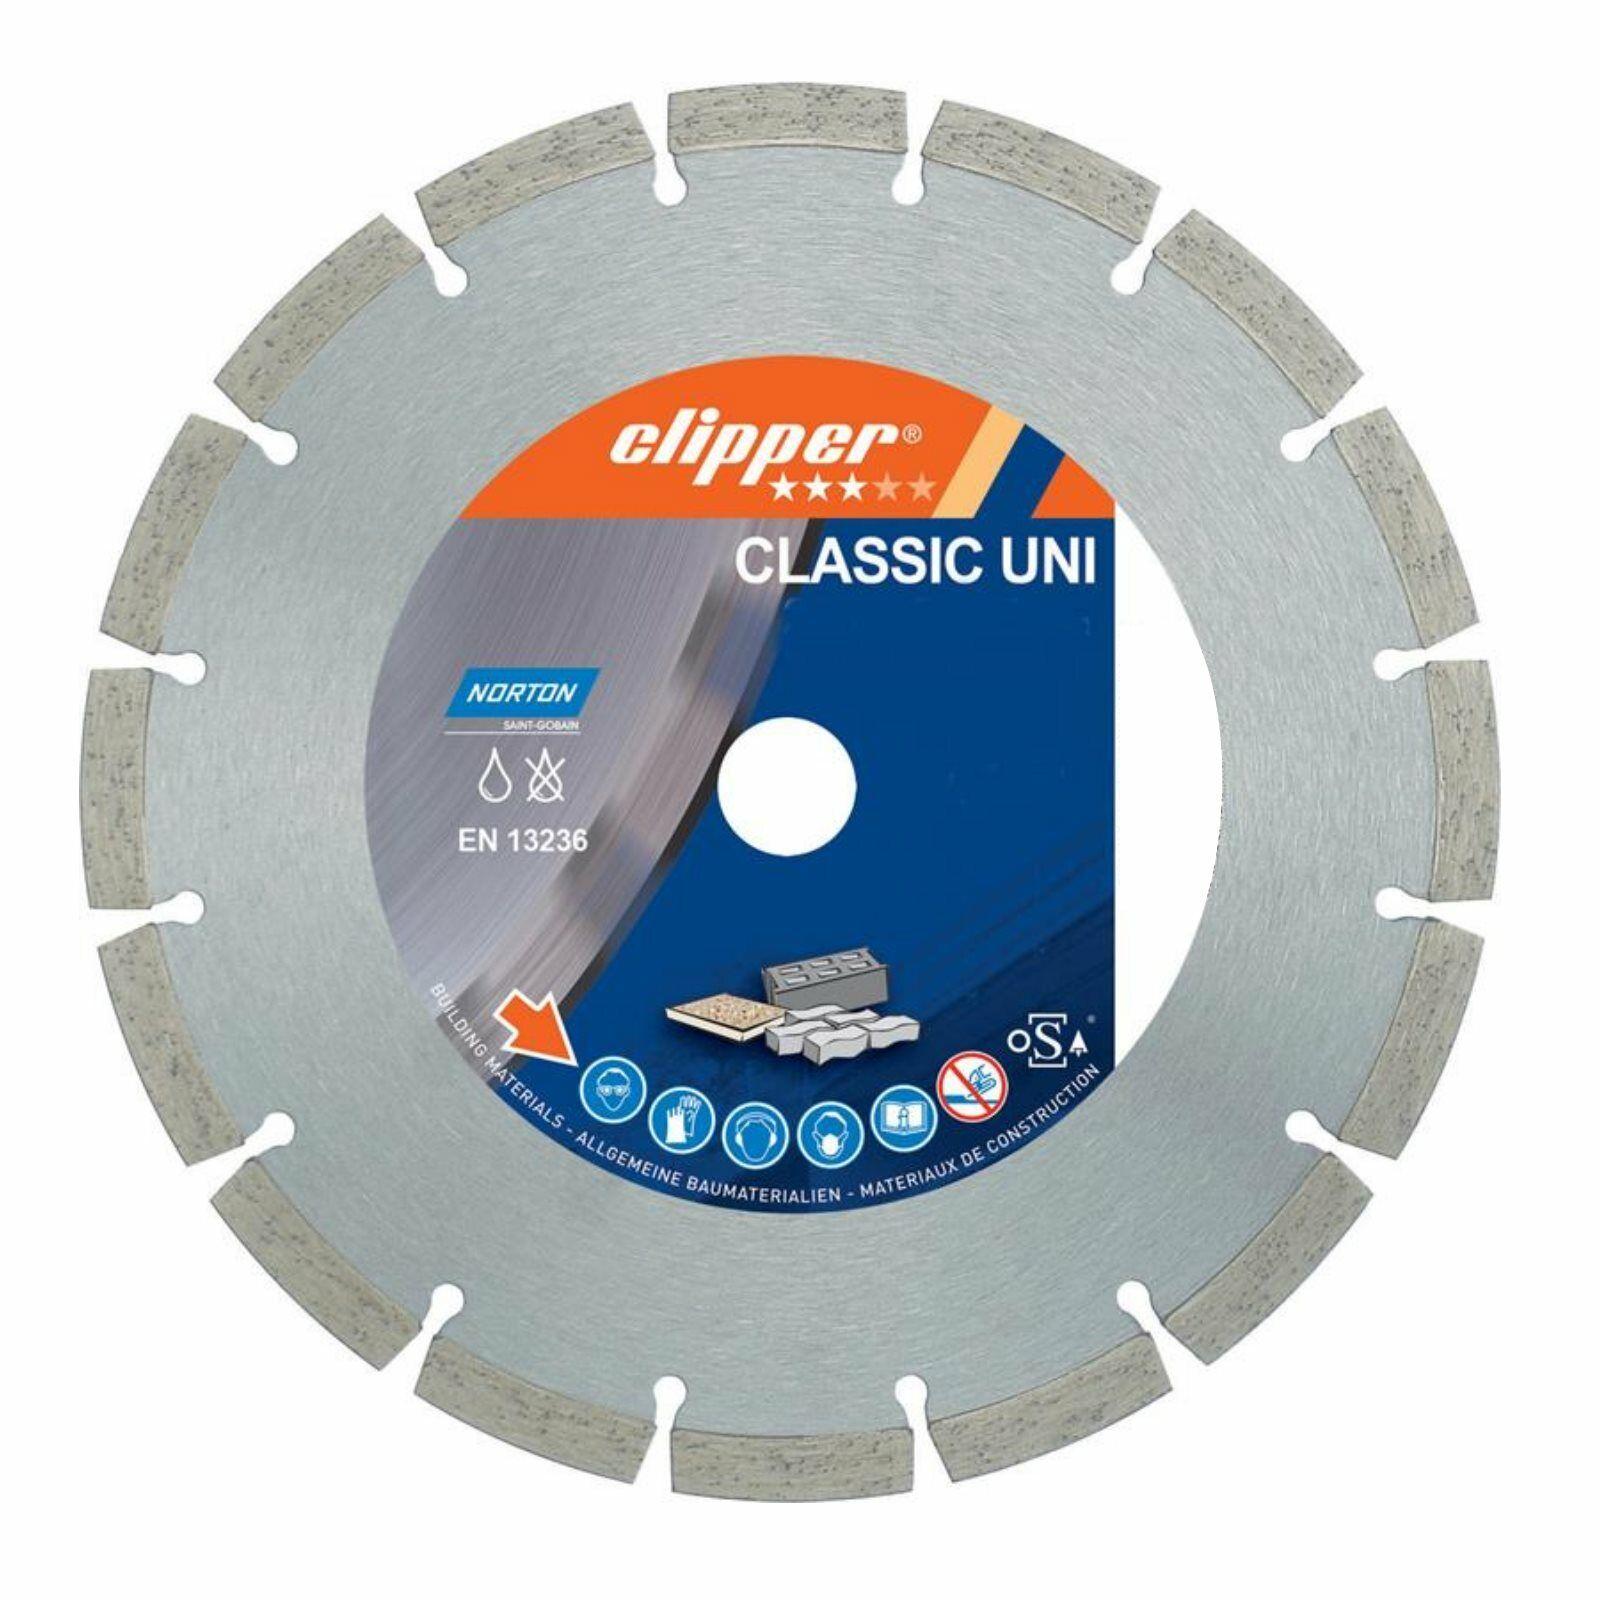 Norton Disque à Tronçonner Diamant Clipper Classic Uni 350x25.4